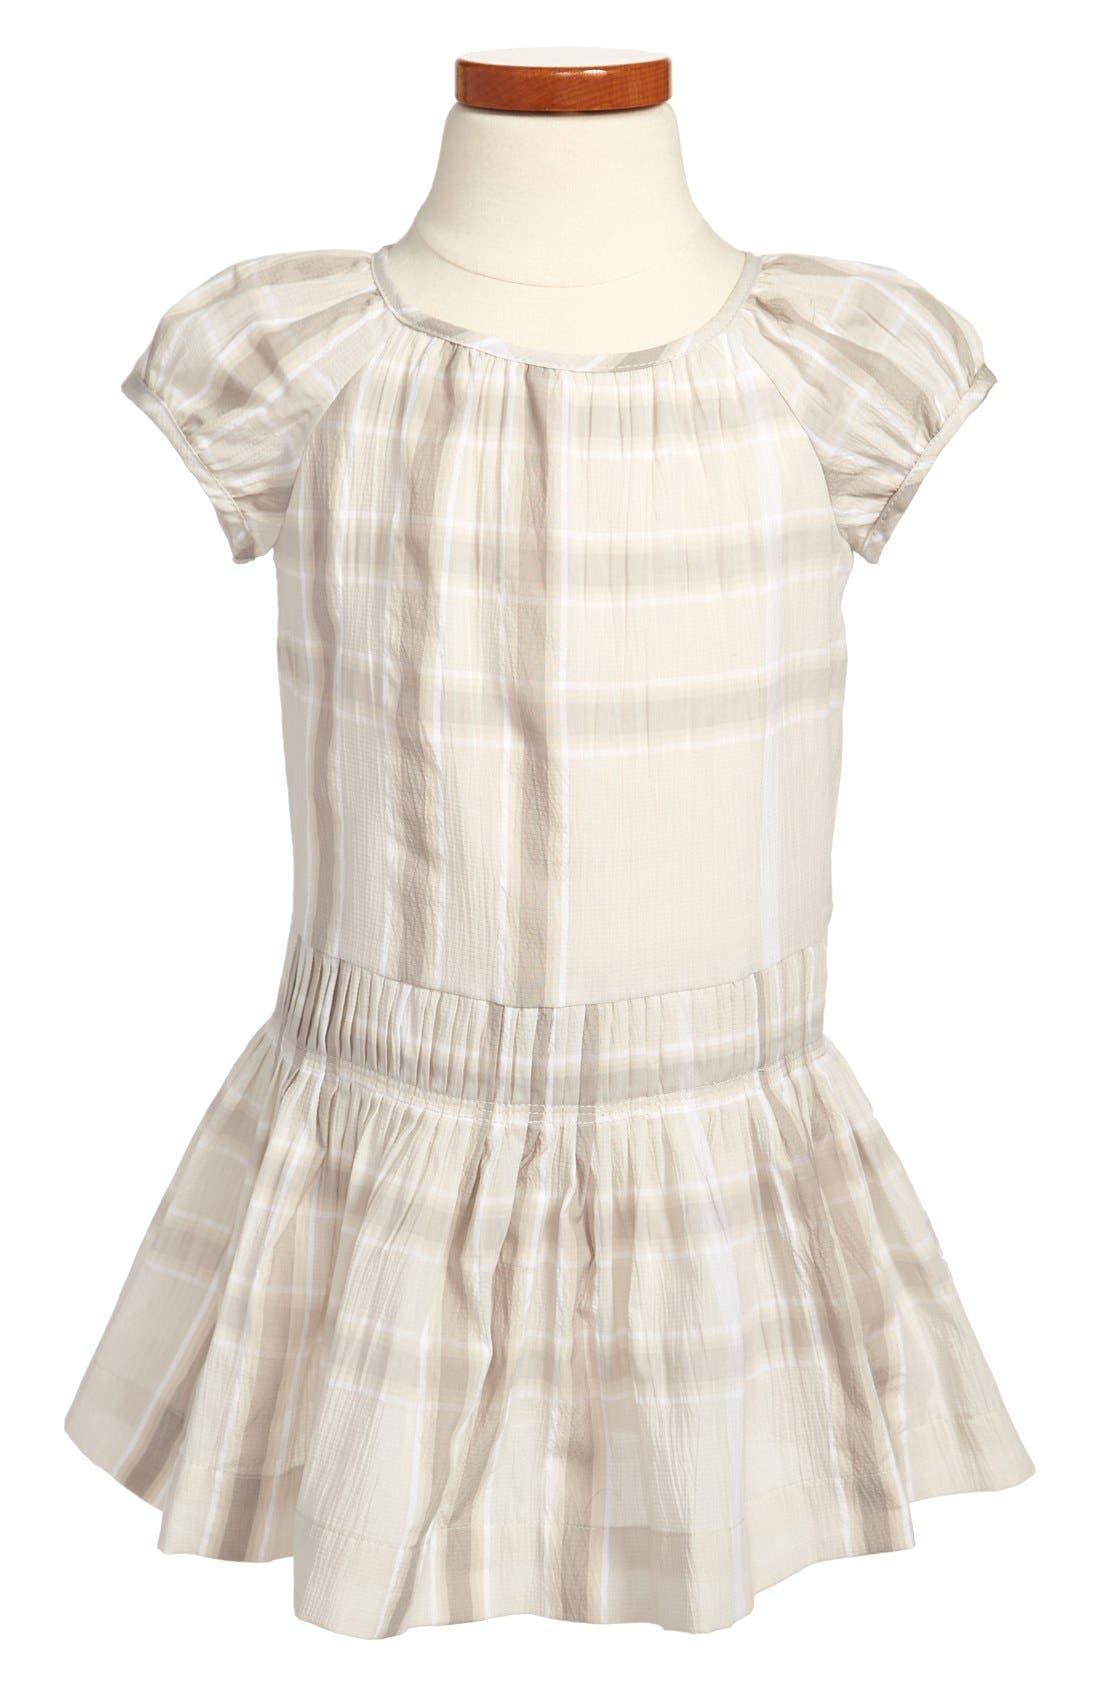 BURBERRY 'Edemme' Dress, Main, color, 250